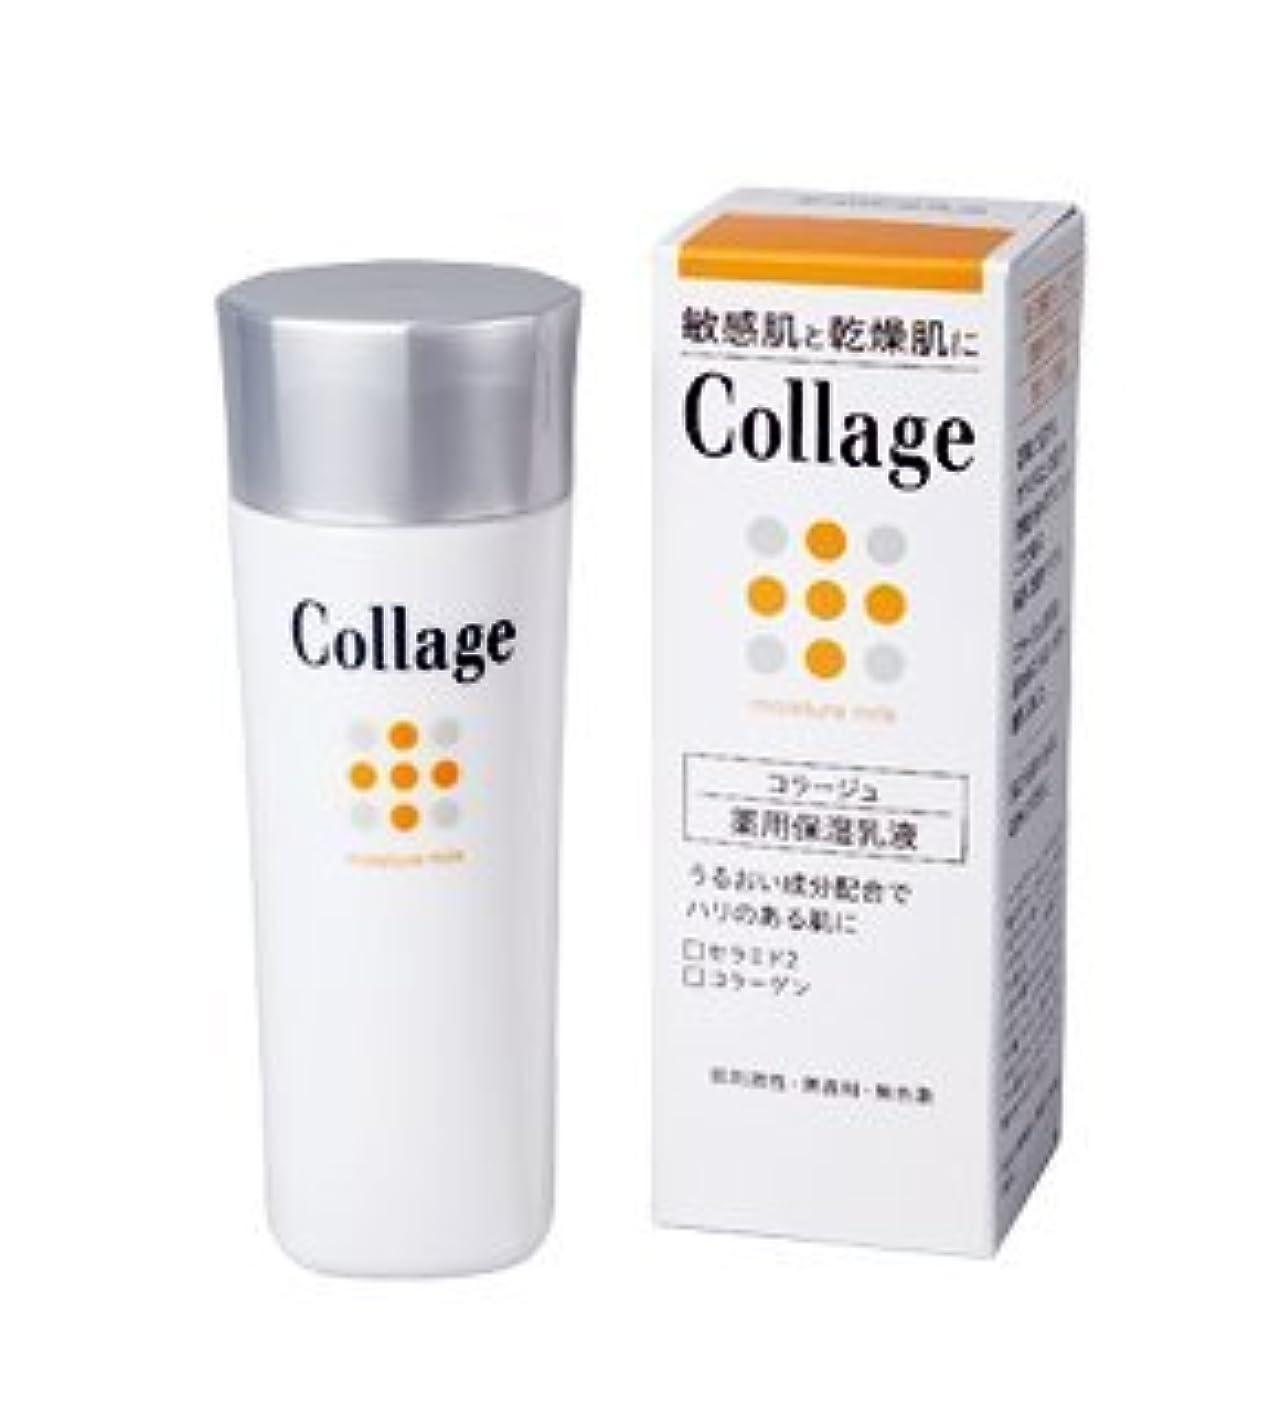 分山岳牧師【持田ヘルスケア】 コラージュ薬用保湿乳液 80ml (医薬部外品) ×4個セット